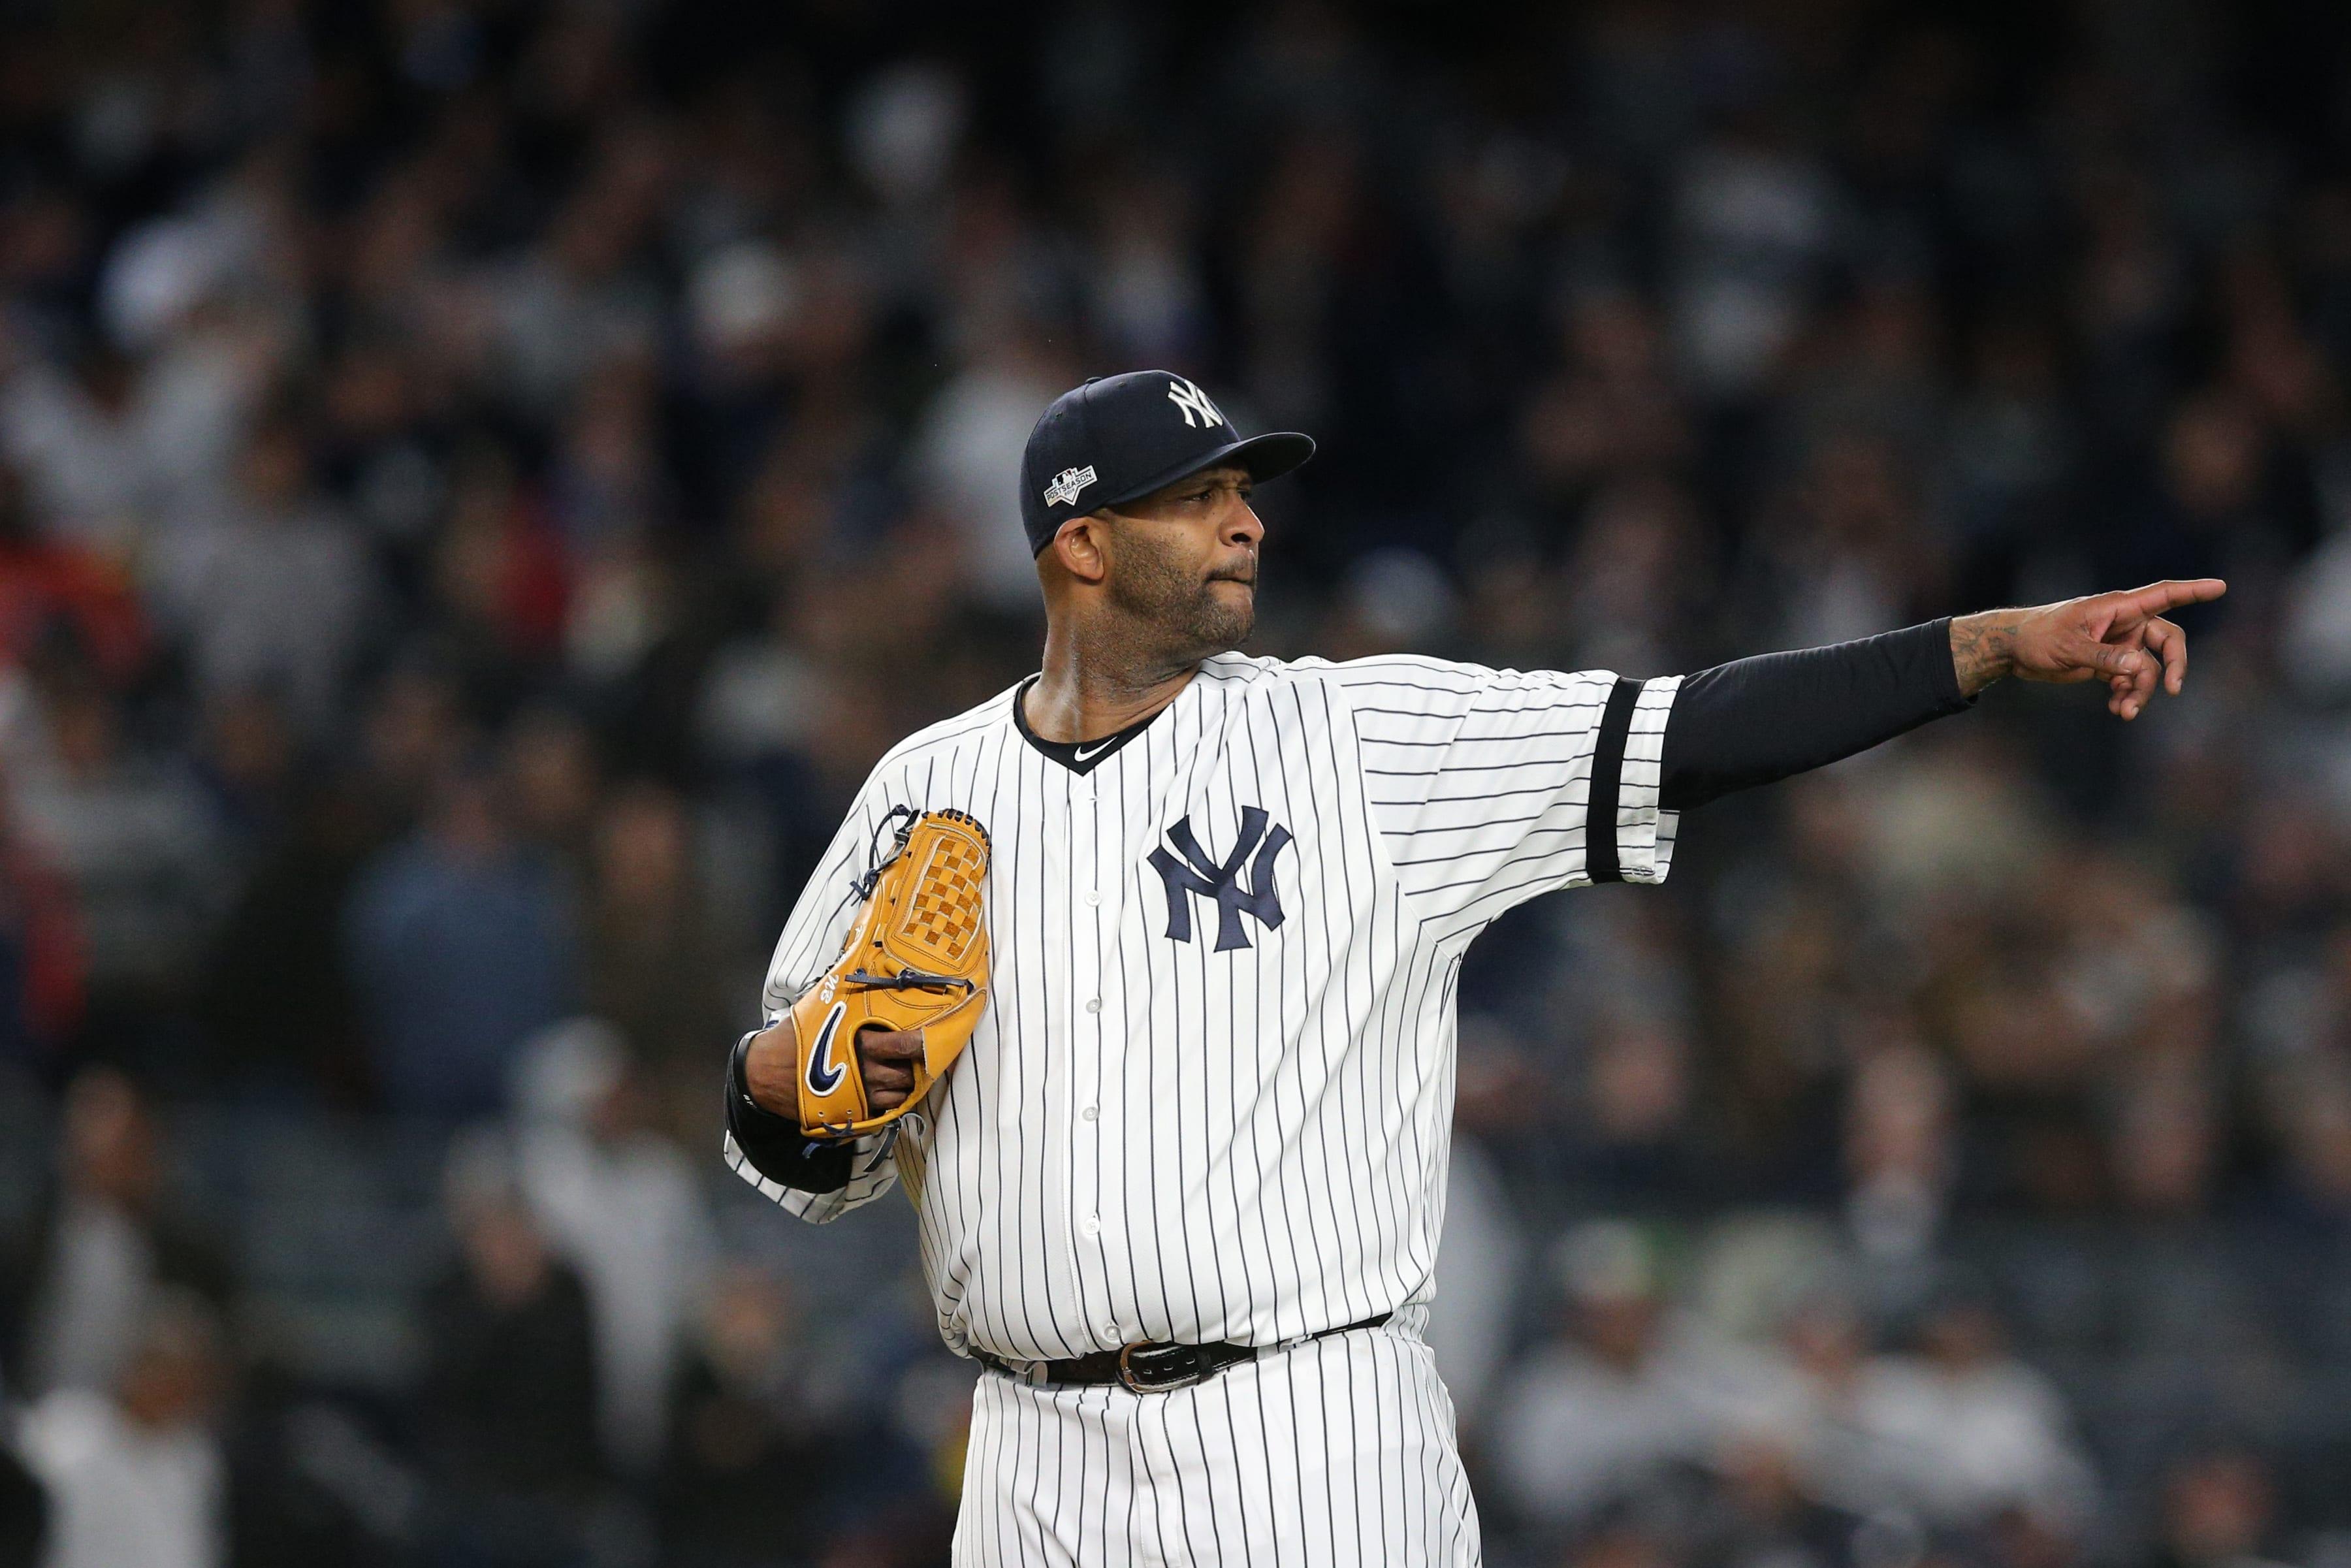 New York Yankees, CC Sabathia